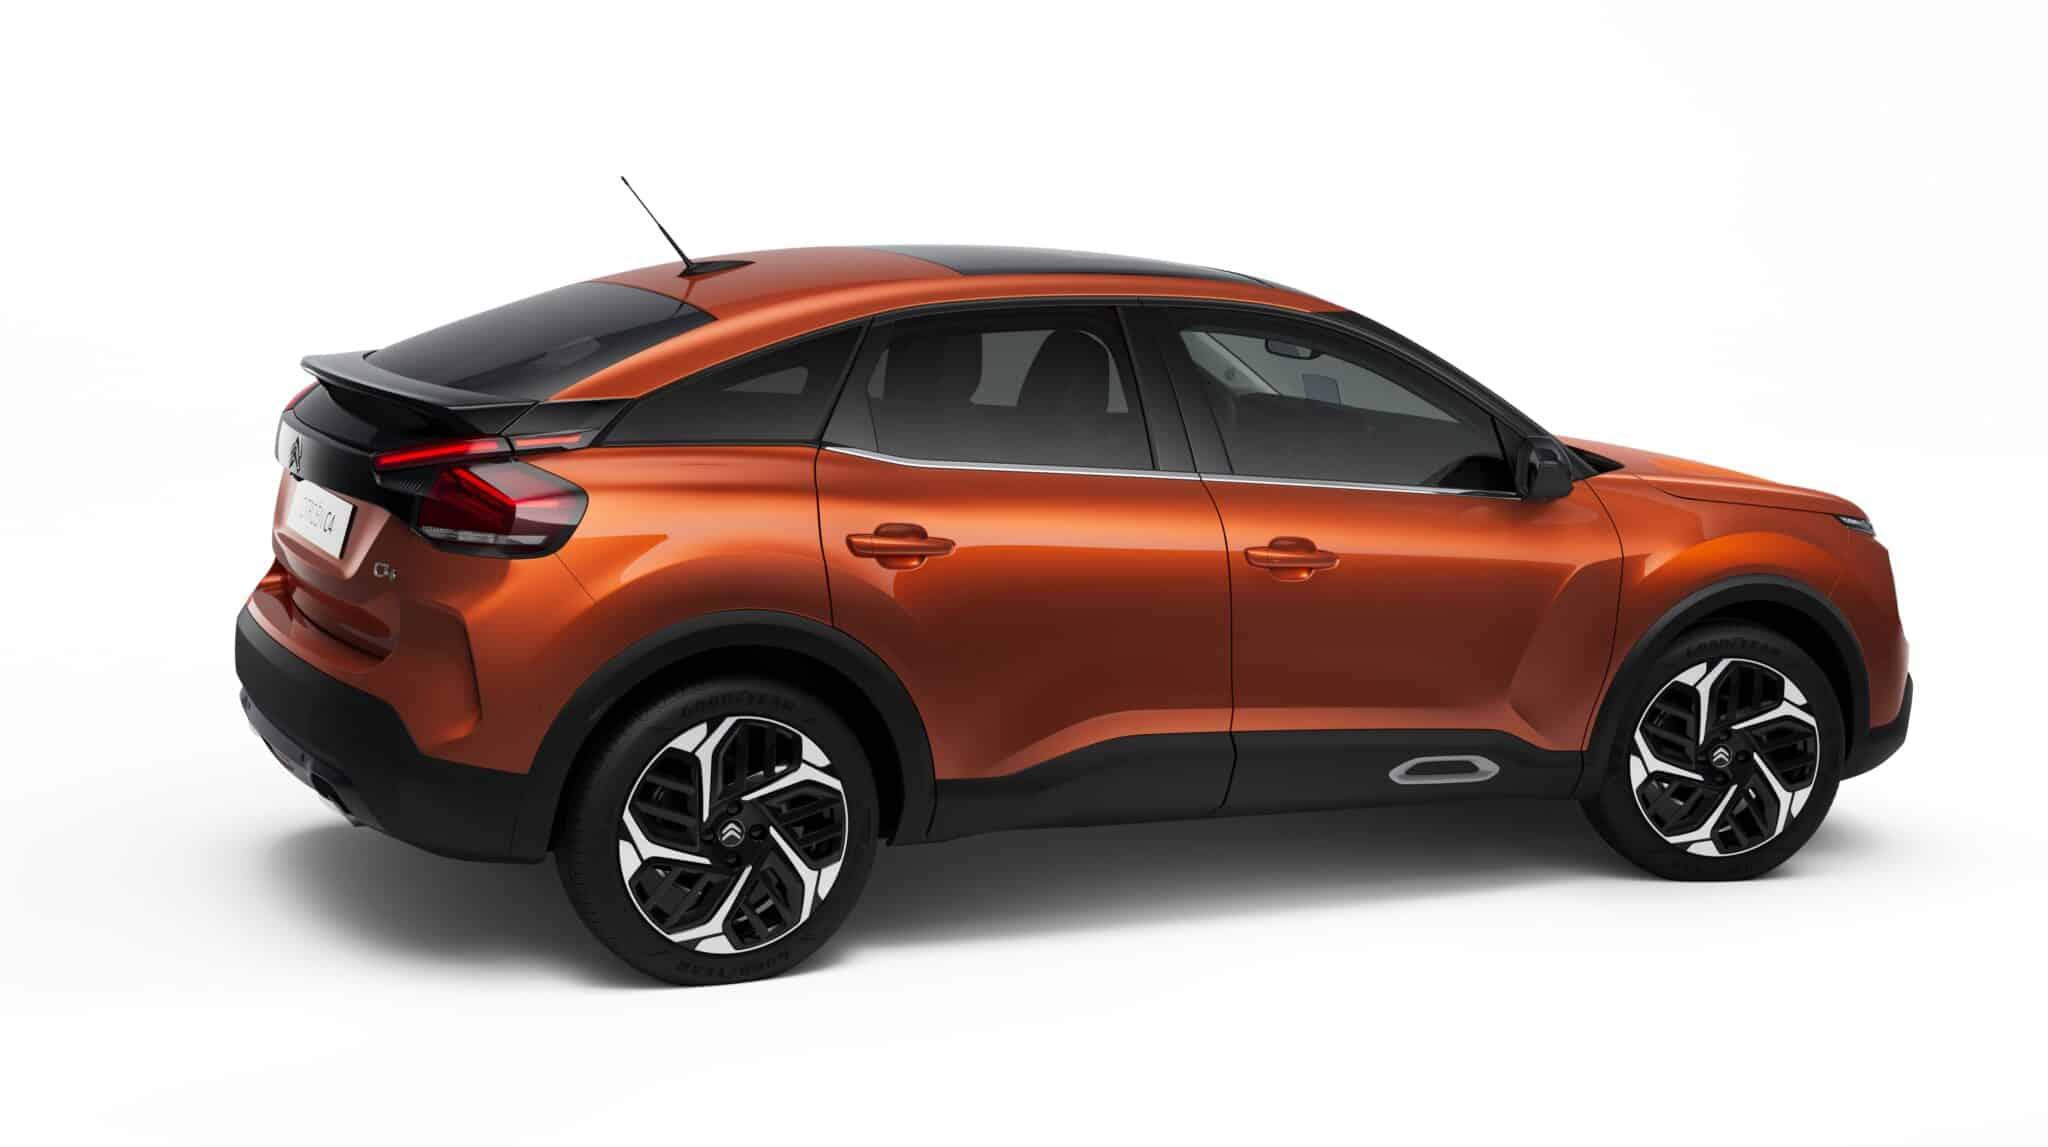 Neuer ë-C4 - Citroën erfindet die Kompaktlimousine NEU! | CL20.024.0041 min scaled